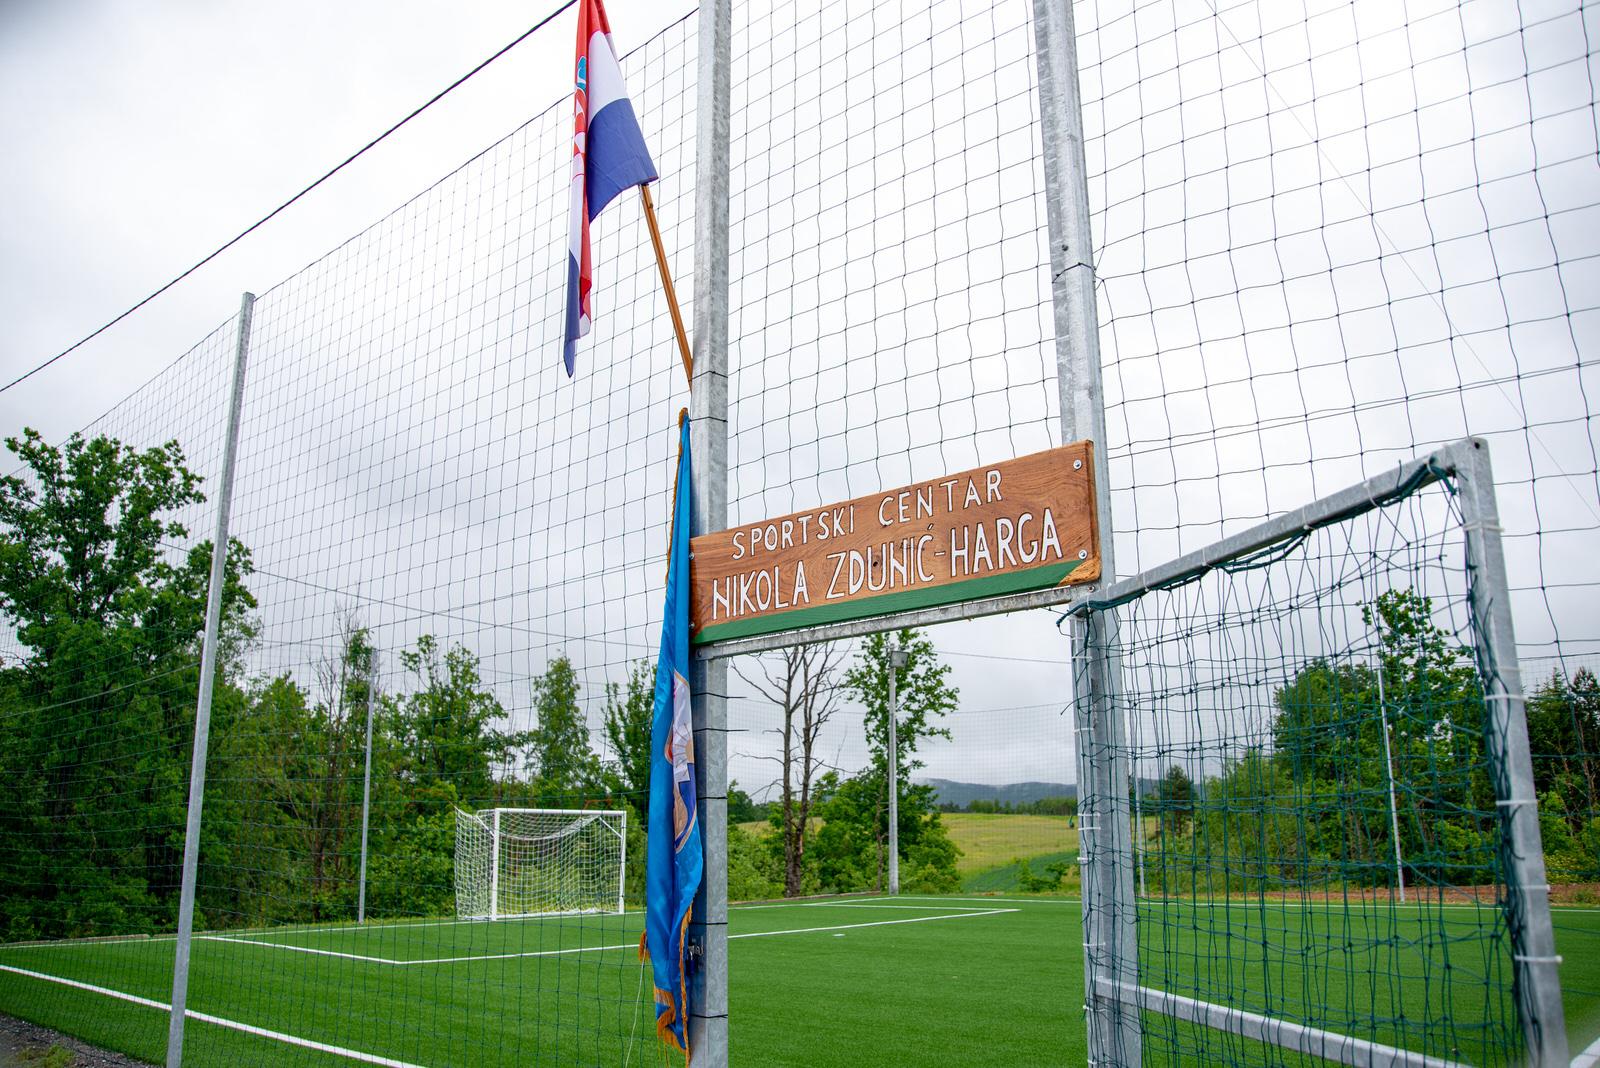 likaclub_žabica_otvaranje nogometnog igrališta_6_2020 (25)